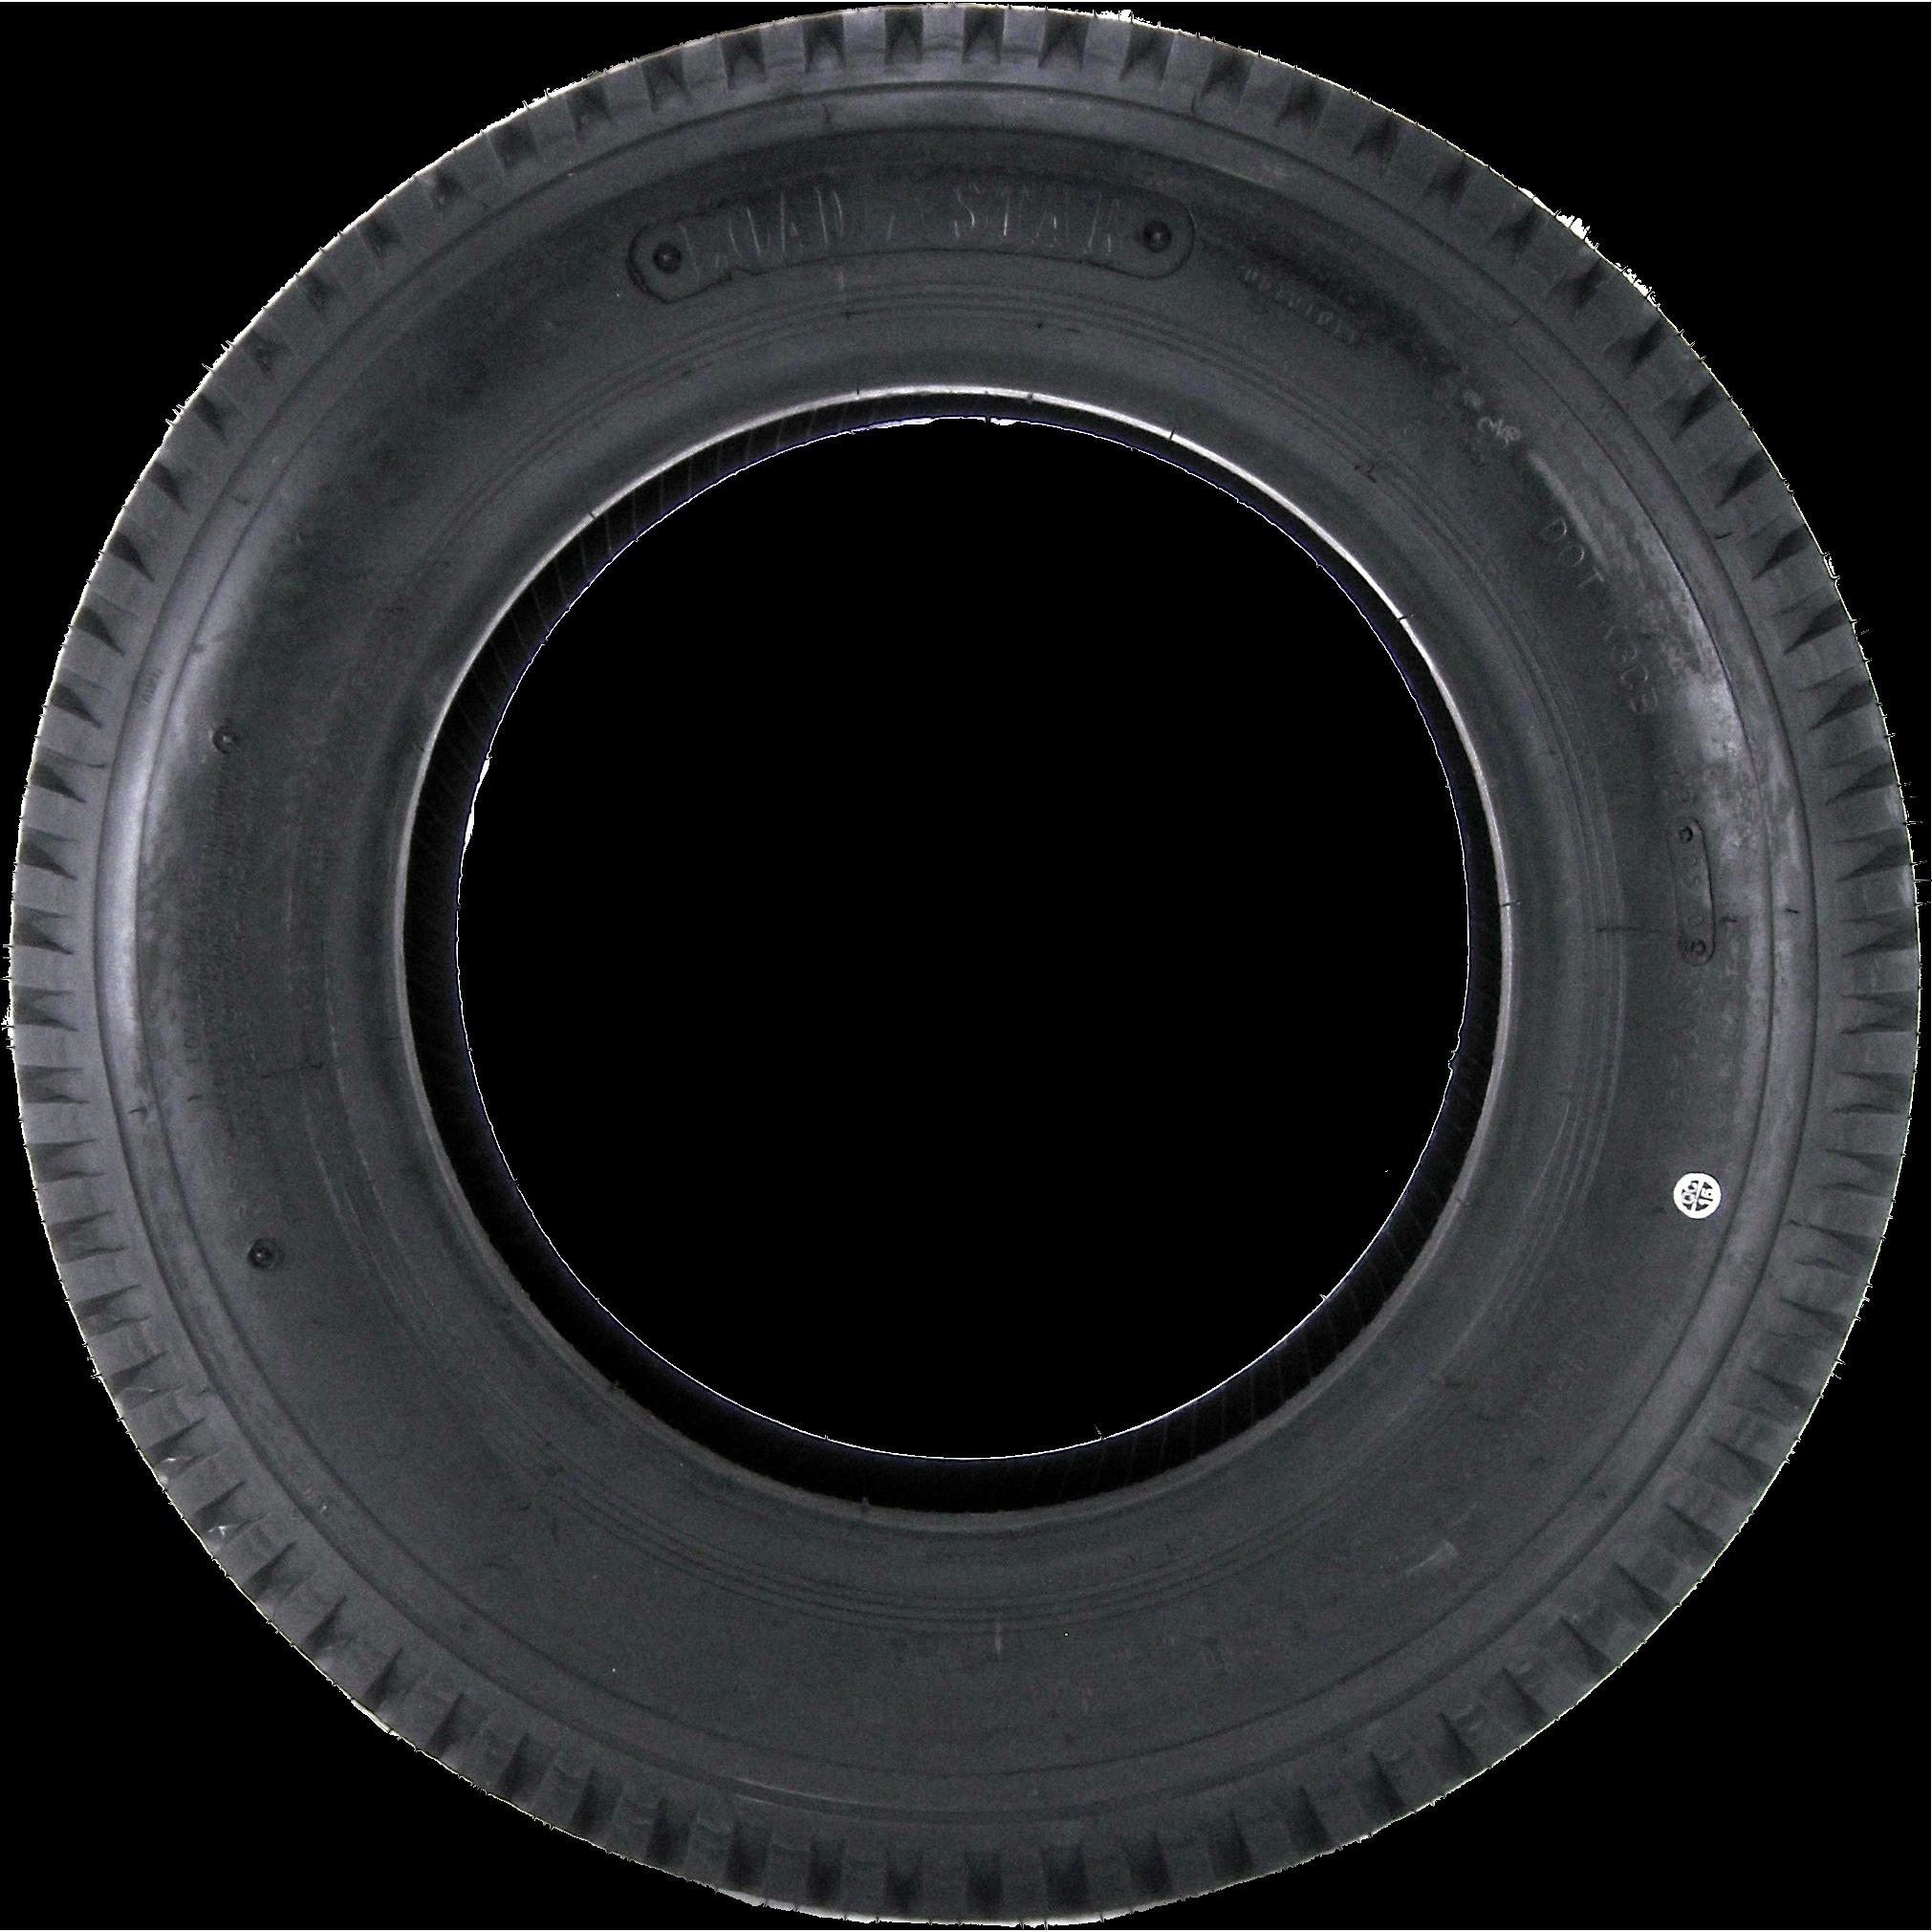 автомобильная шина PNG